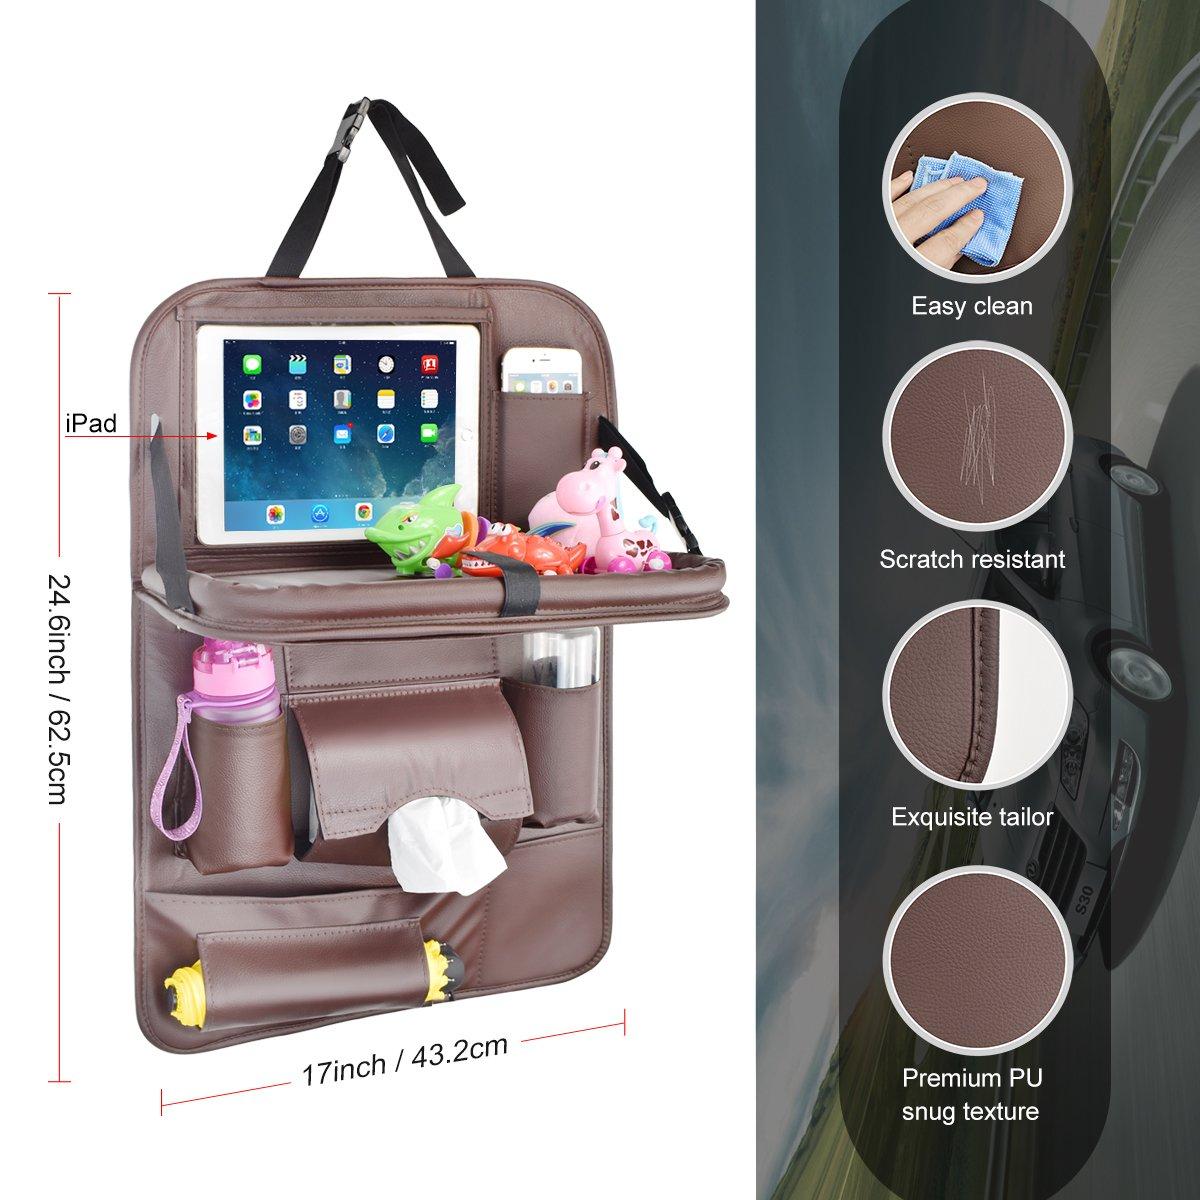 Tablett Multi-Pocket Sitzschoner 1 Pack-Braun R/ückenlehnenschutz Auto Autositzschoner R/ückenlehne Kinder Auto-Organizer mit Faltbares iPad-Tablet-Halter